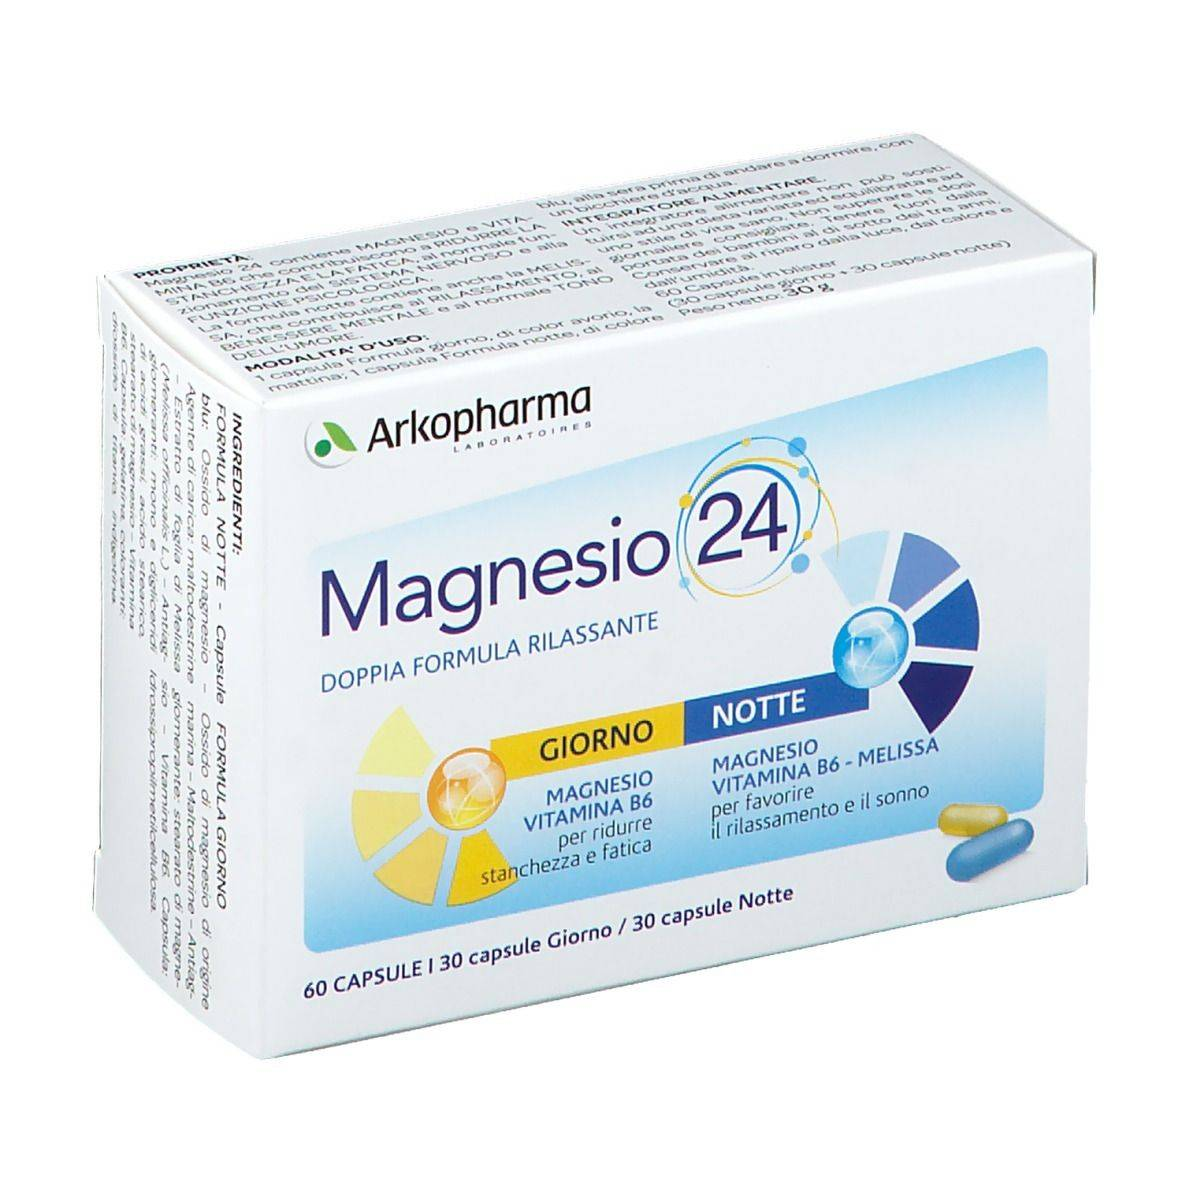 arkofarm srl magnesio 24® 60 pz capsule